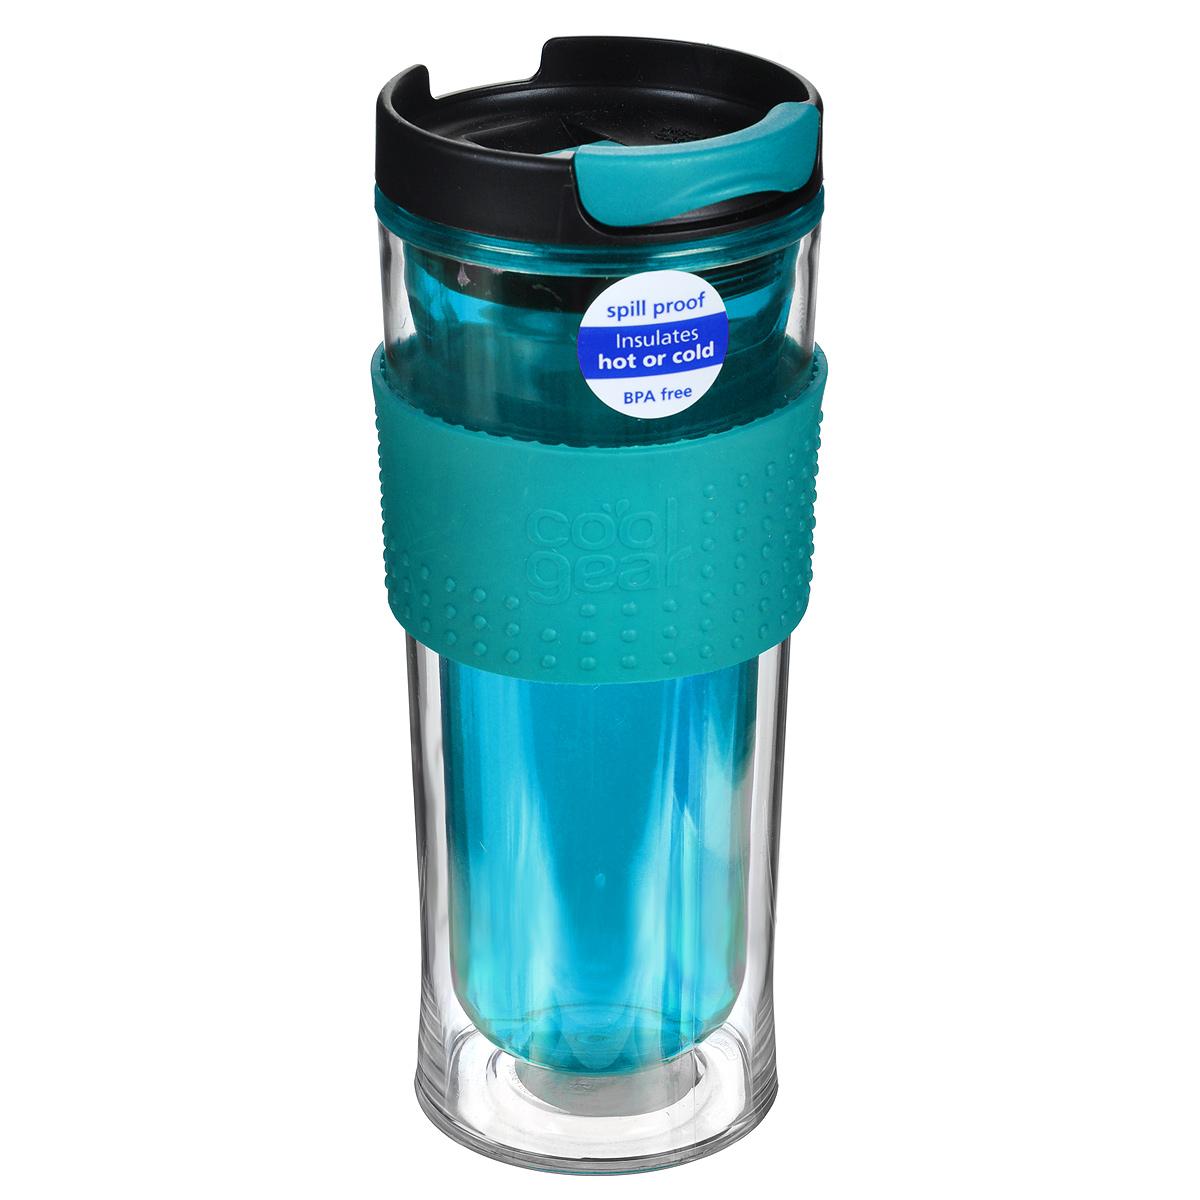 Кружка дорожная Cool Gear Eco 2 Go для горячих напитков, цвет: бирюзовый, черный, 420 мл. 1280KUP GBДорожная кружка Cool Gear Eco 2 Go изготовлена из высококачественного BPA-freeпластика, не содержащего токсичных веществ. Двойные стенки дольше сохраняют напитокгорячим и не обжигают руки. Надежная закручивающаяся крышка с защитой от проливанияобеспечит дополнительную безопасность. Крышка оснащена клапаном для питья.Оптимальный объем позволит взять с собой большую порцию горячего кофе или чая. Также подходит и для холодных напитков. Антискользящий ободок предотвращает выскальзывание кружки из рук.Кружка идеальна для ежедневного использования. Она станет вашим обязательнымспутником в длительных поездках или занятиях зимними видами спорта.Не рекомендуется использовать в микроволновой печи и мыть в посудомоечноймашине.Cool Gear - мировой лидер в сфере производства товаров для питья, продукциякоторого пользуется огромной популярностью по всему миру! Ассортимент компаниивключает более 120 видов бутылок для питья и дорожных кружек. Выбирайте для себялучшее с Cool Gear!